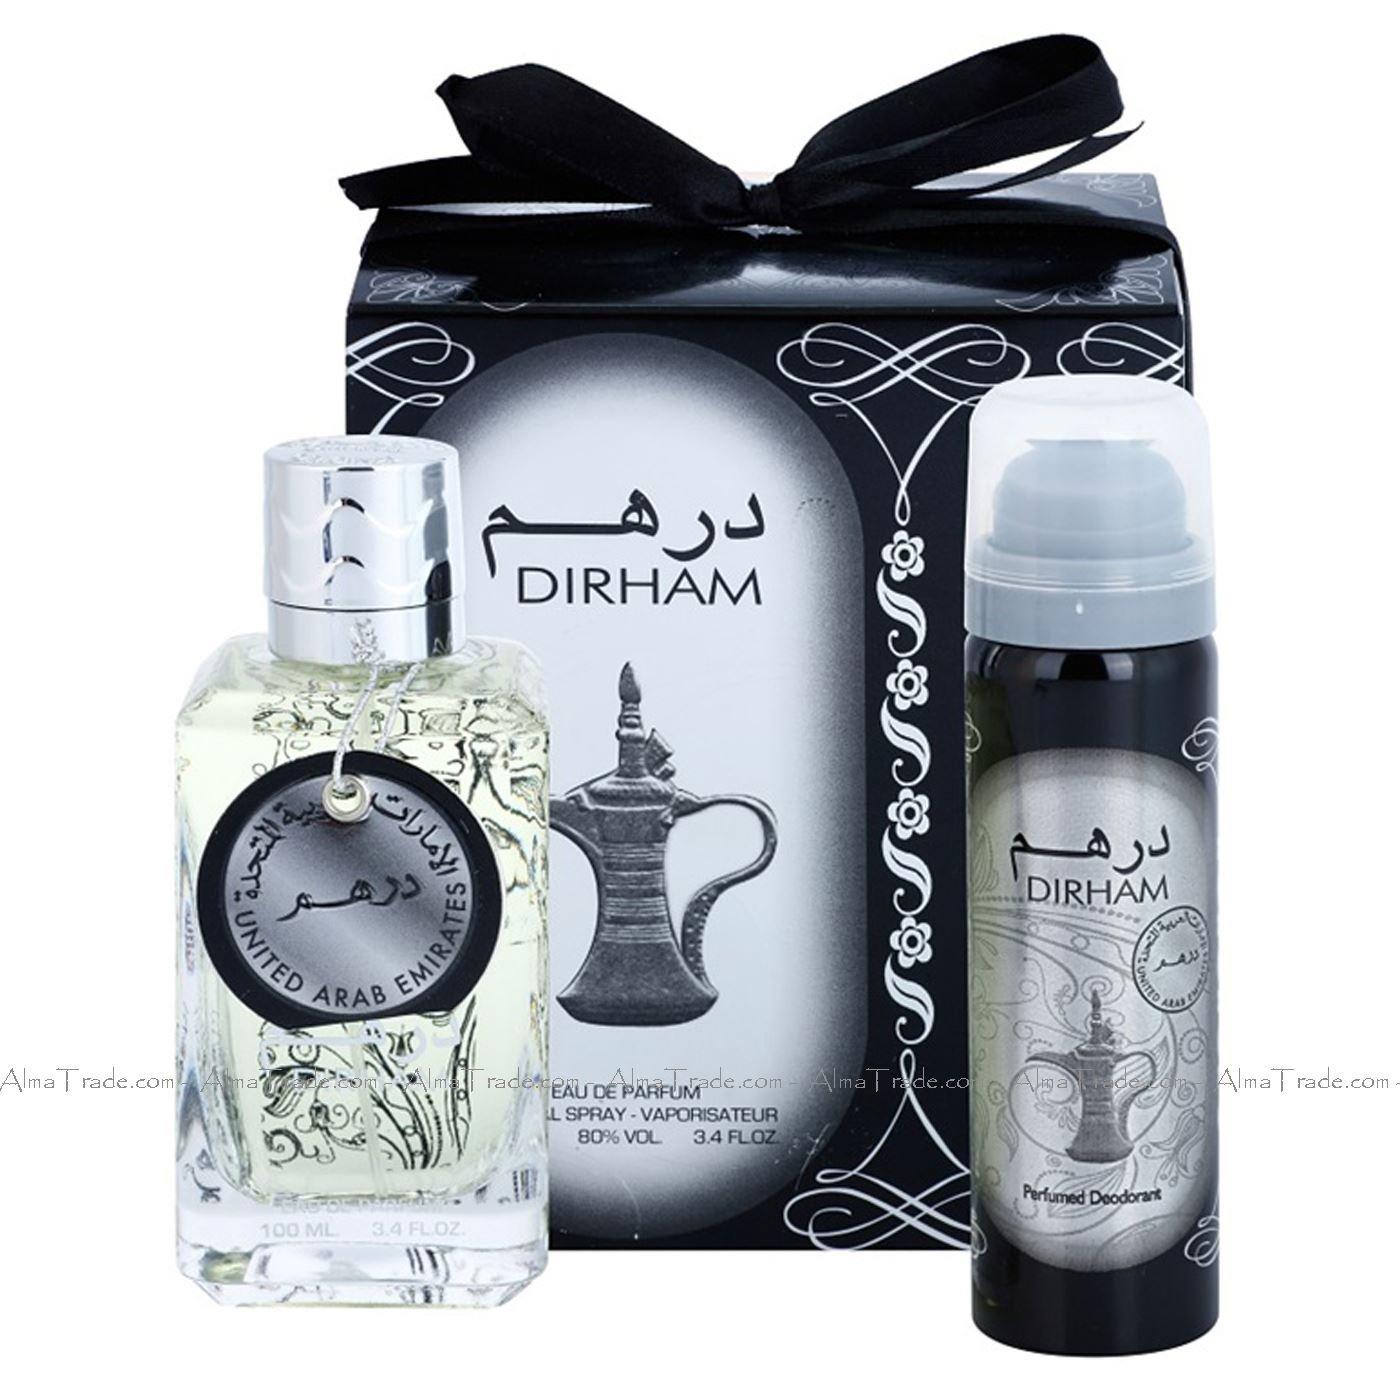 Dirham 100ml EDP Perfume, Free Deodrant inside the box Ard al Zaafaran